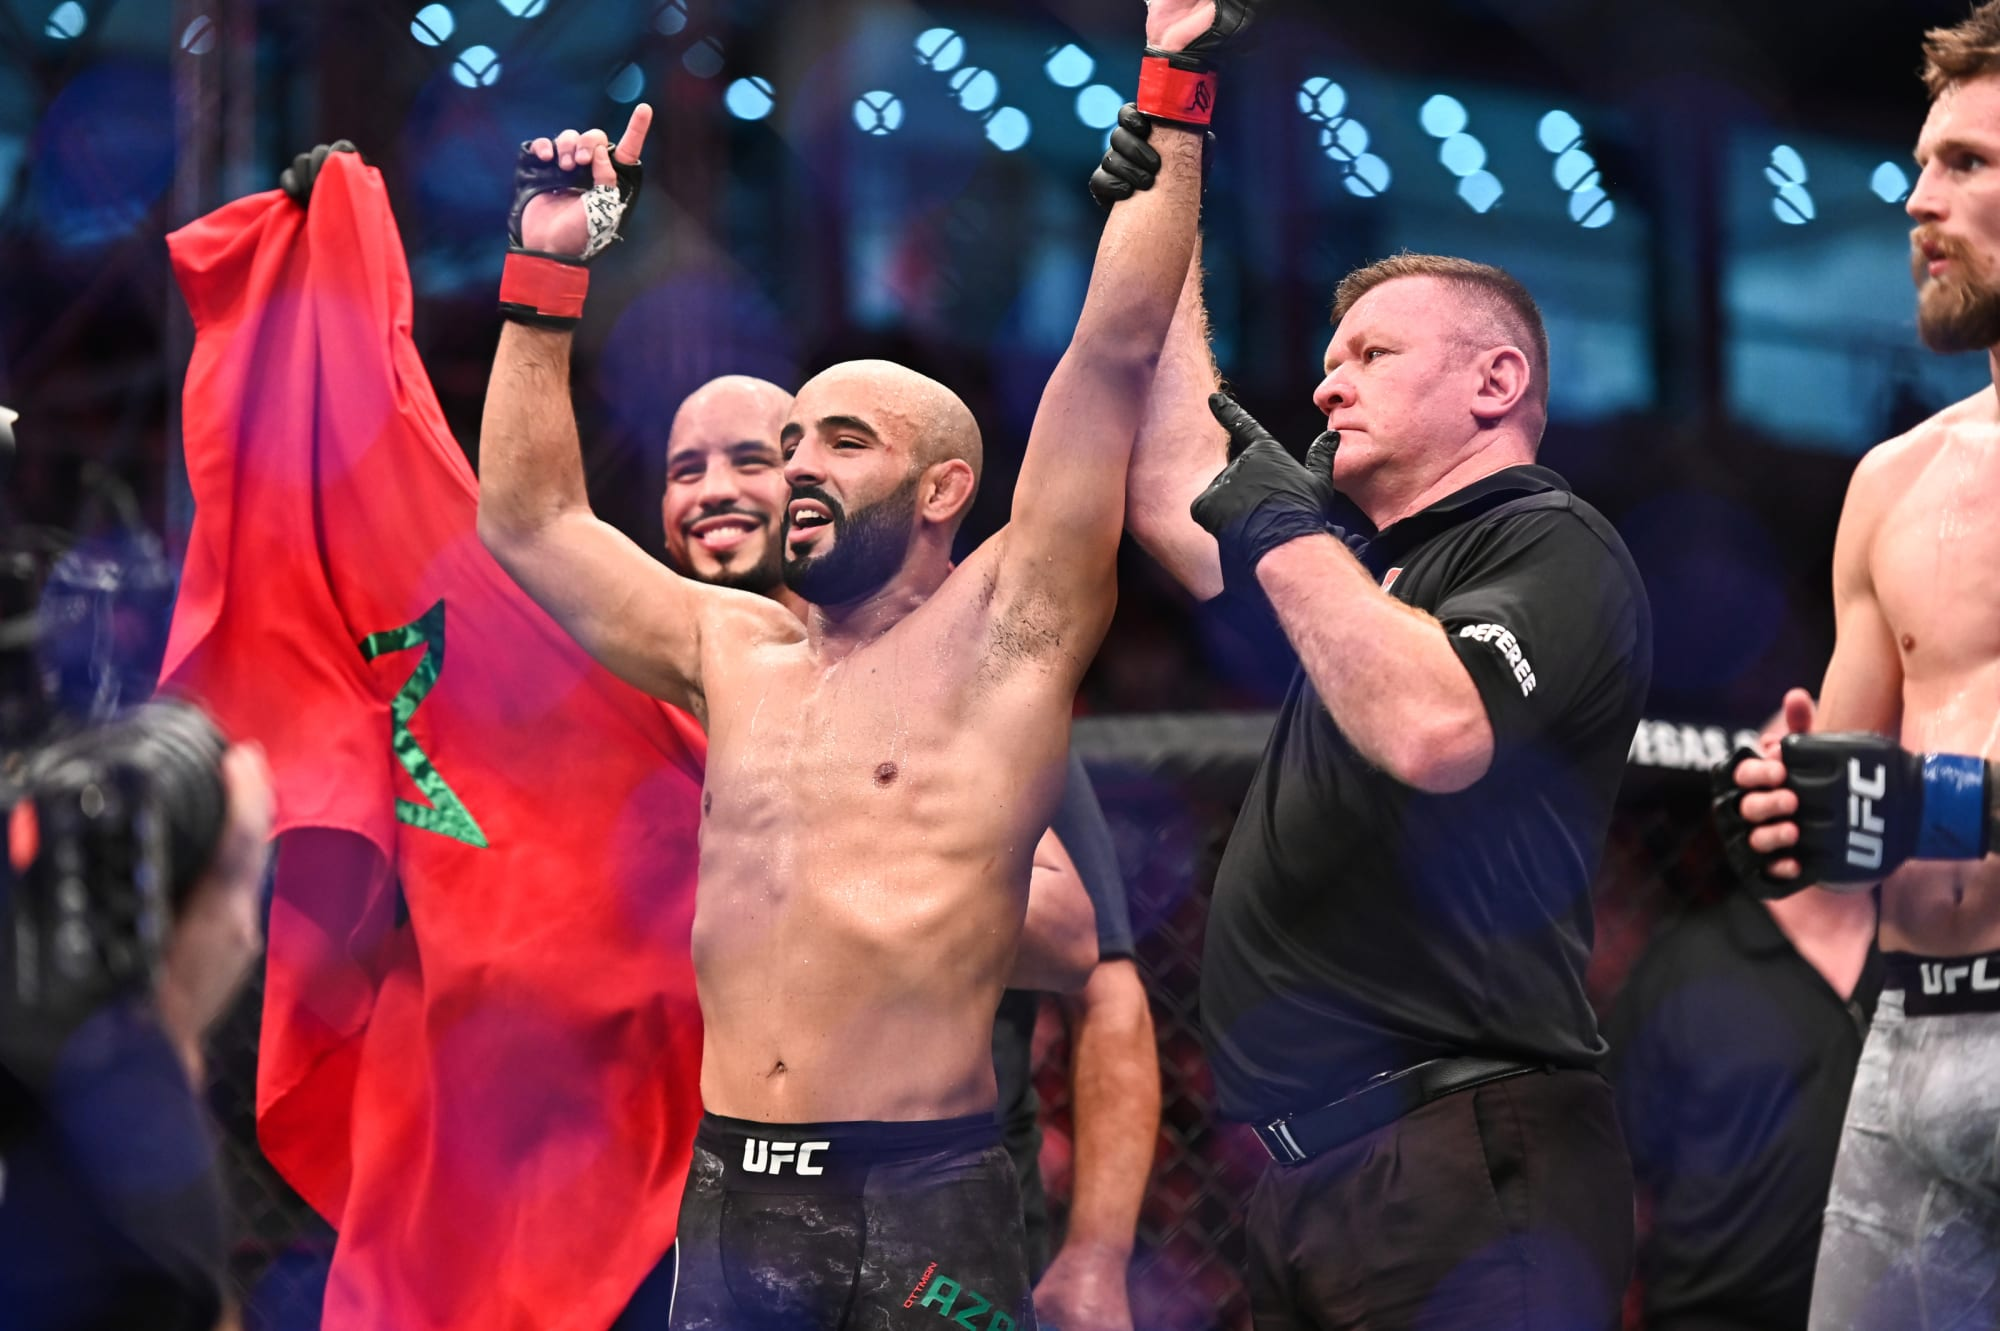 UFC 257: Lightweight Ottman Azaitar is the fighter to watch